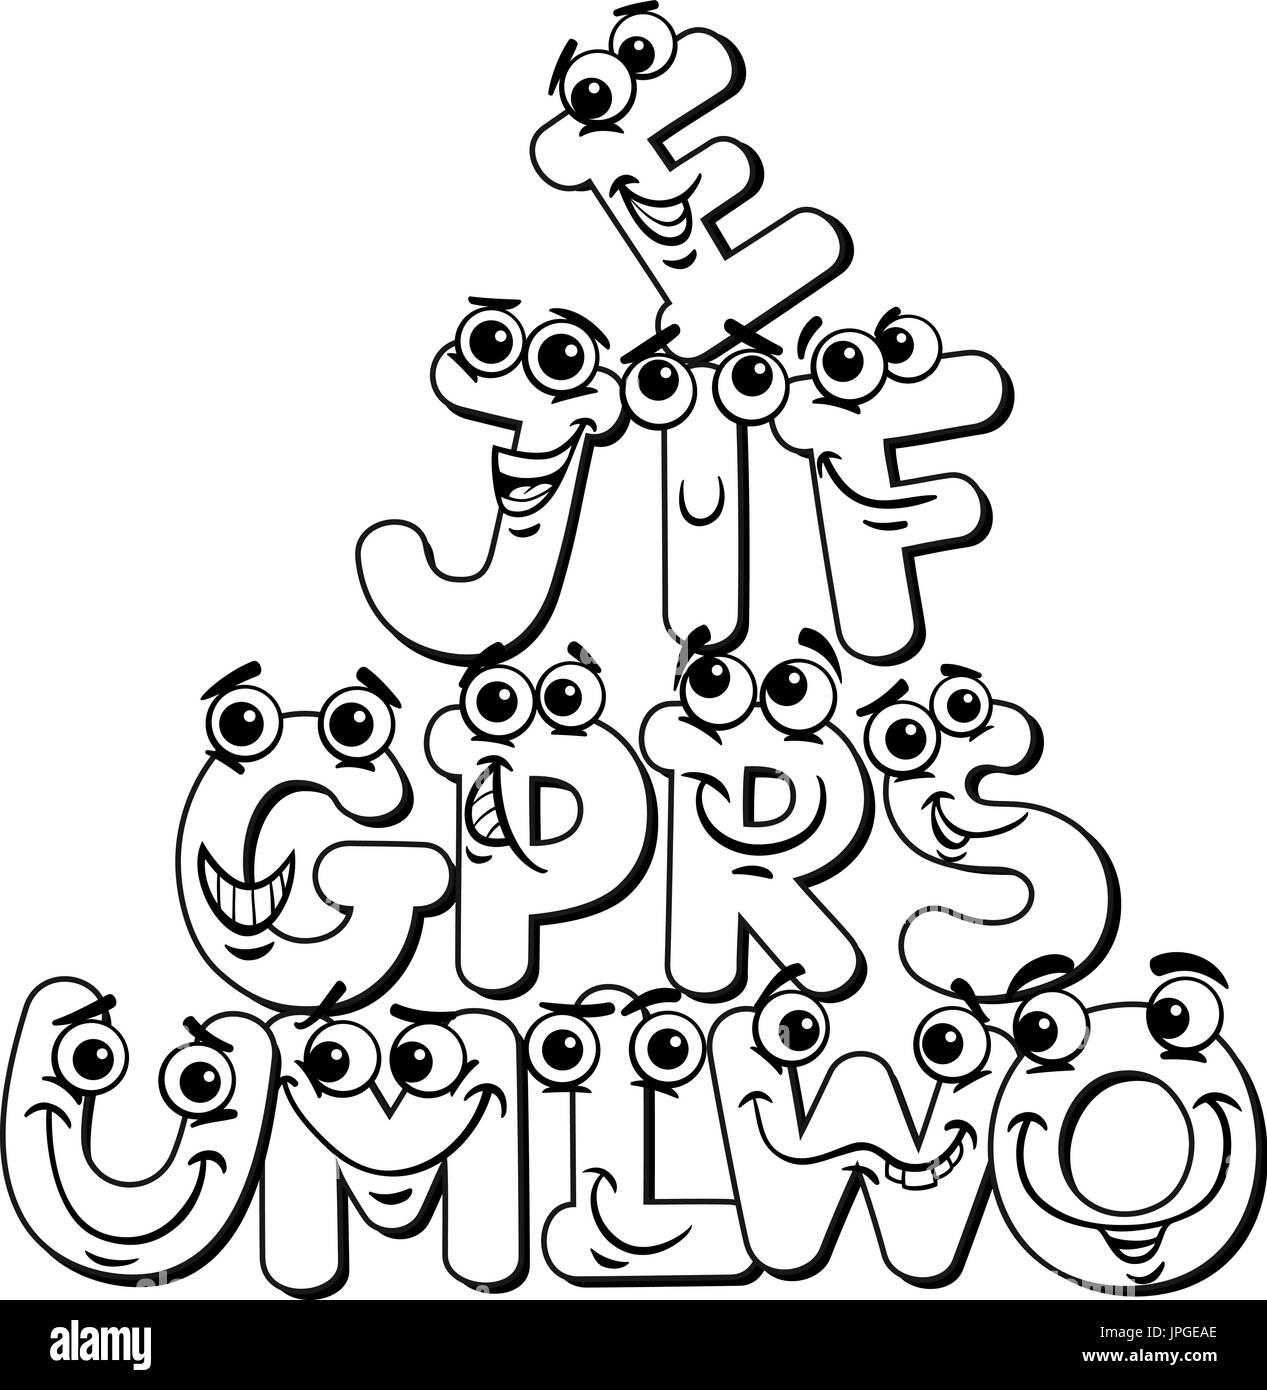 Ilustración caricatura en blanco y negro de divertidos personajes ...